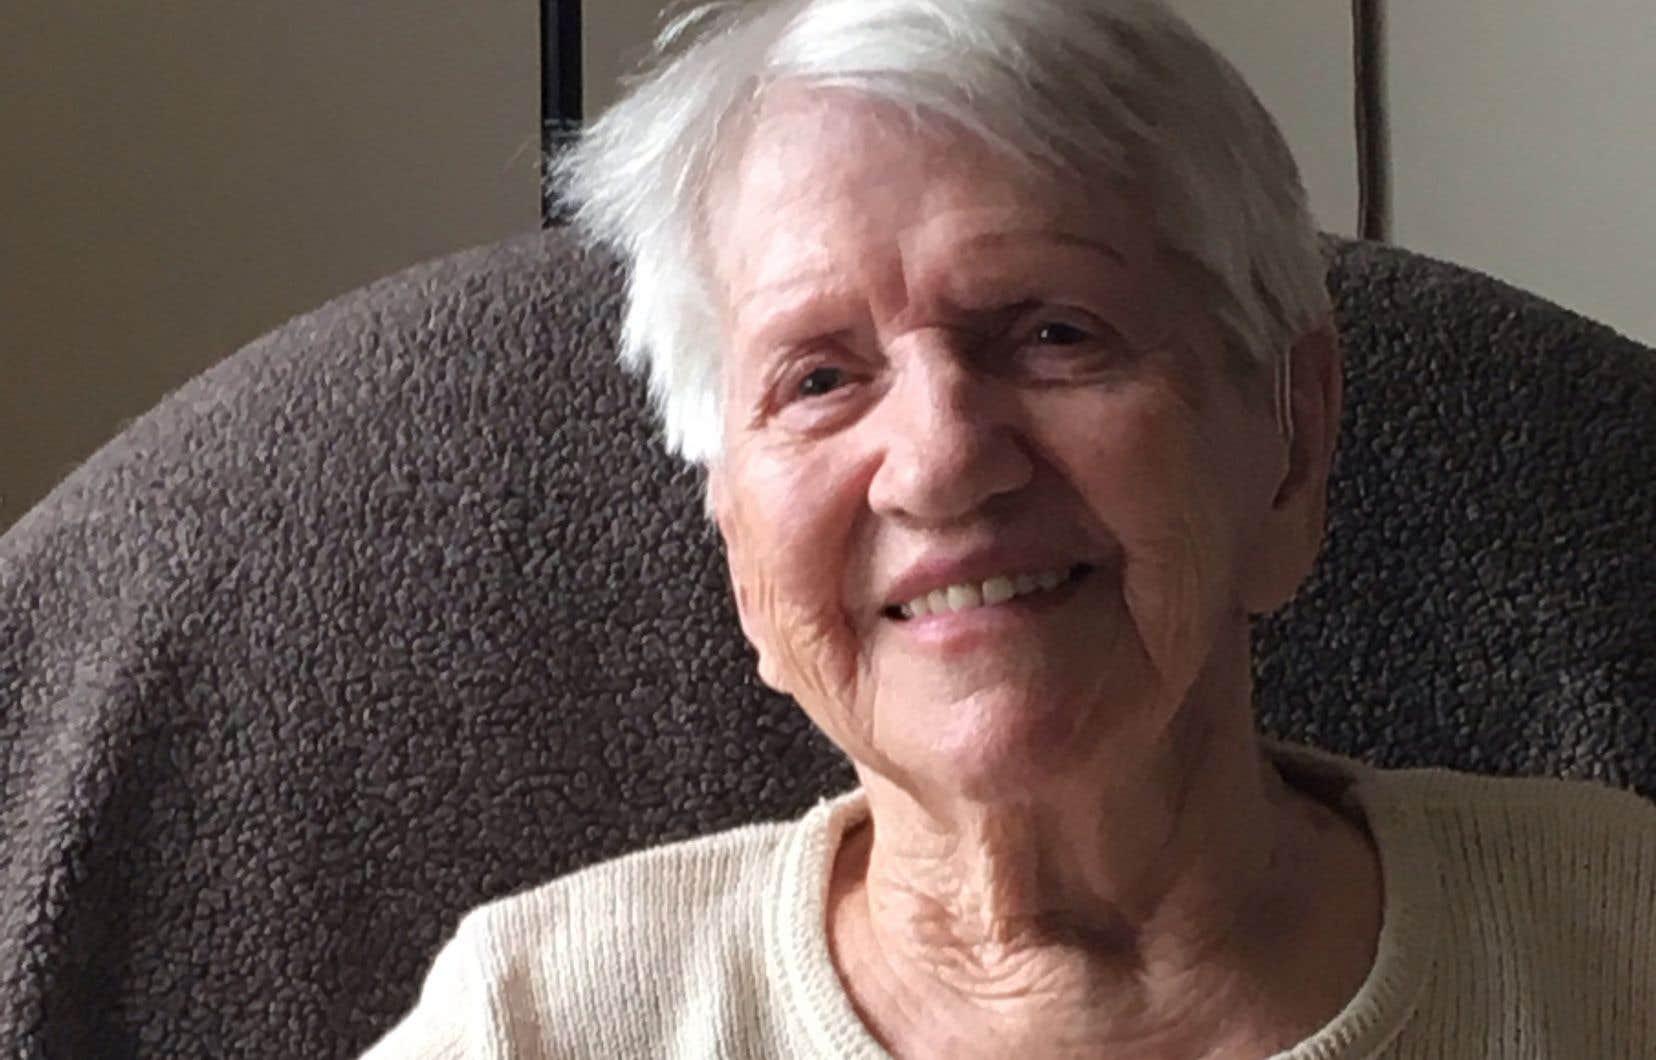 Connue en religion sous le nom de sœur Sainte-Mechtilde, Marie Labrecque a quitté l'habit de sa communauté au milieu des années 1970 pour se marier, tout en continuant, pendant longtemps, de s'occuper de mères célibataires et de travailleuses du sexe.